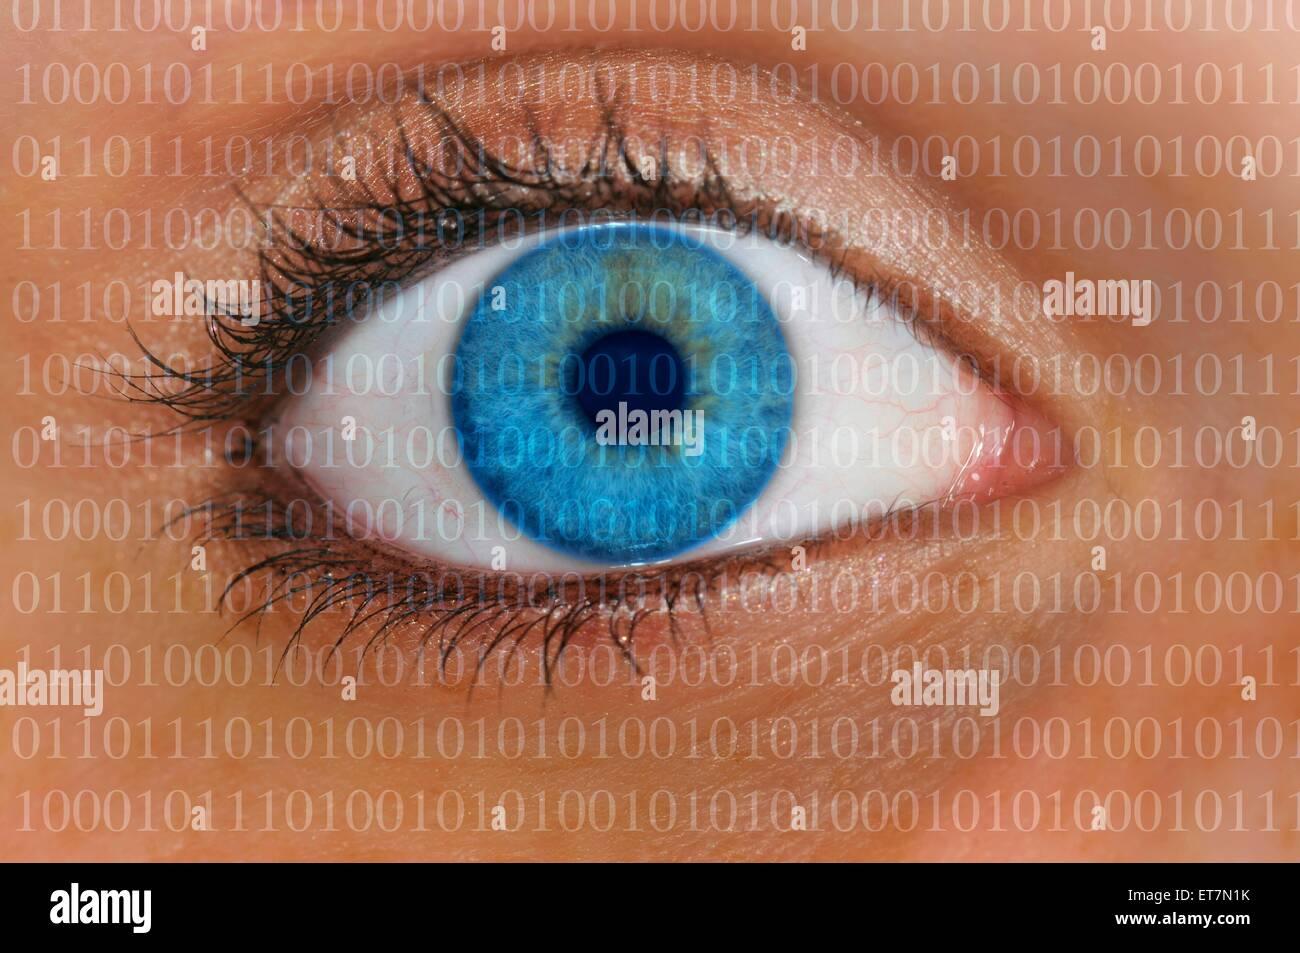 Detailaufnahme Auge mit Iris, Zahlenkolonnen als Symbolbild Speicherung personenbezogener Daten | eye and columns of figures, sy Stock Photo